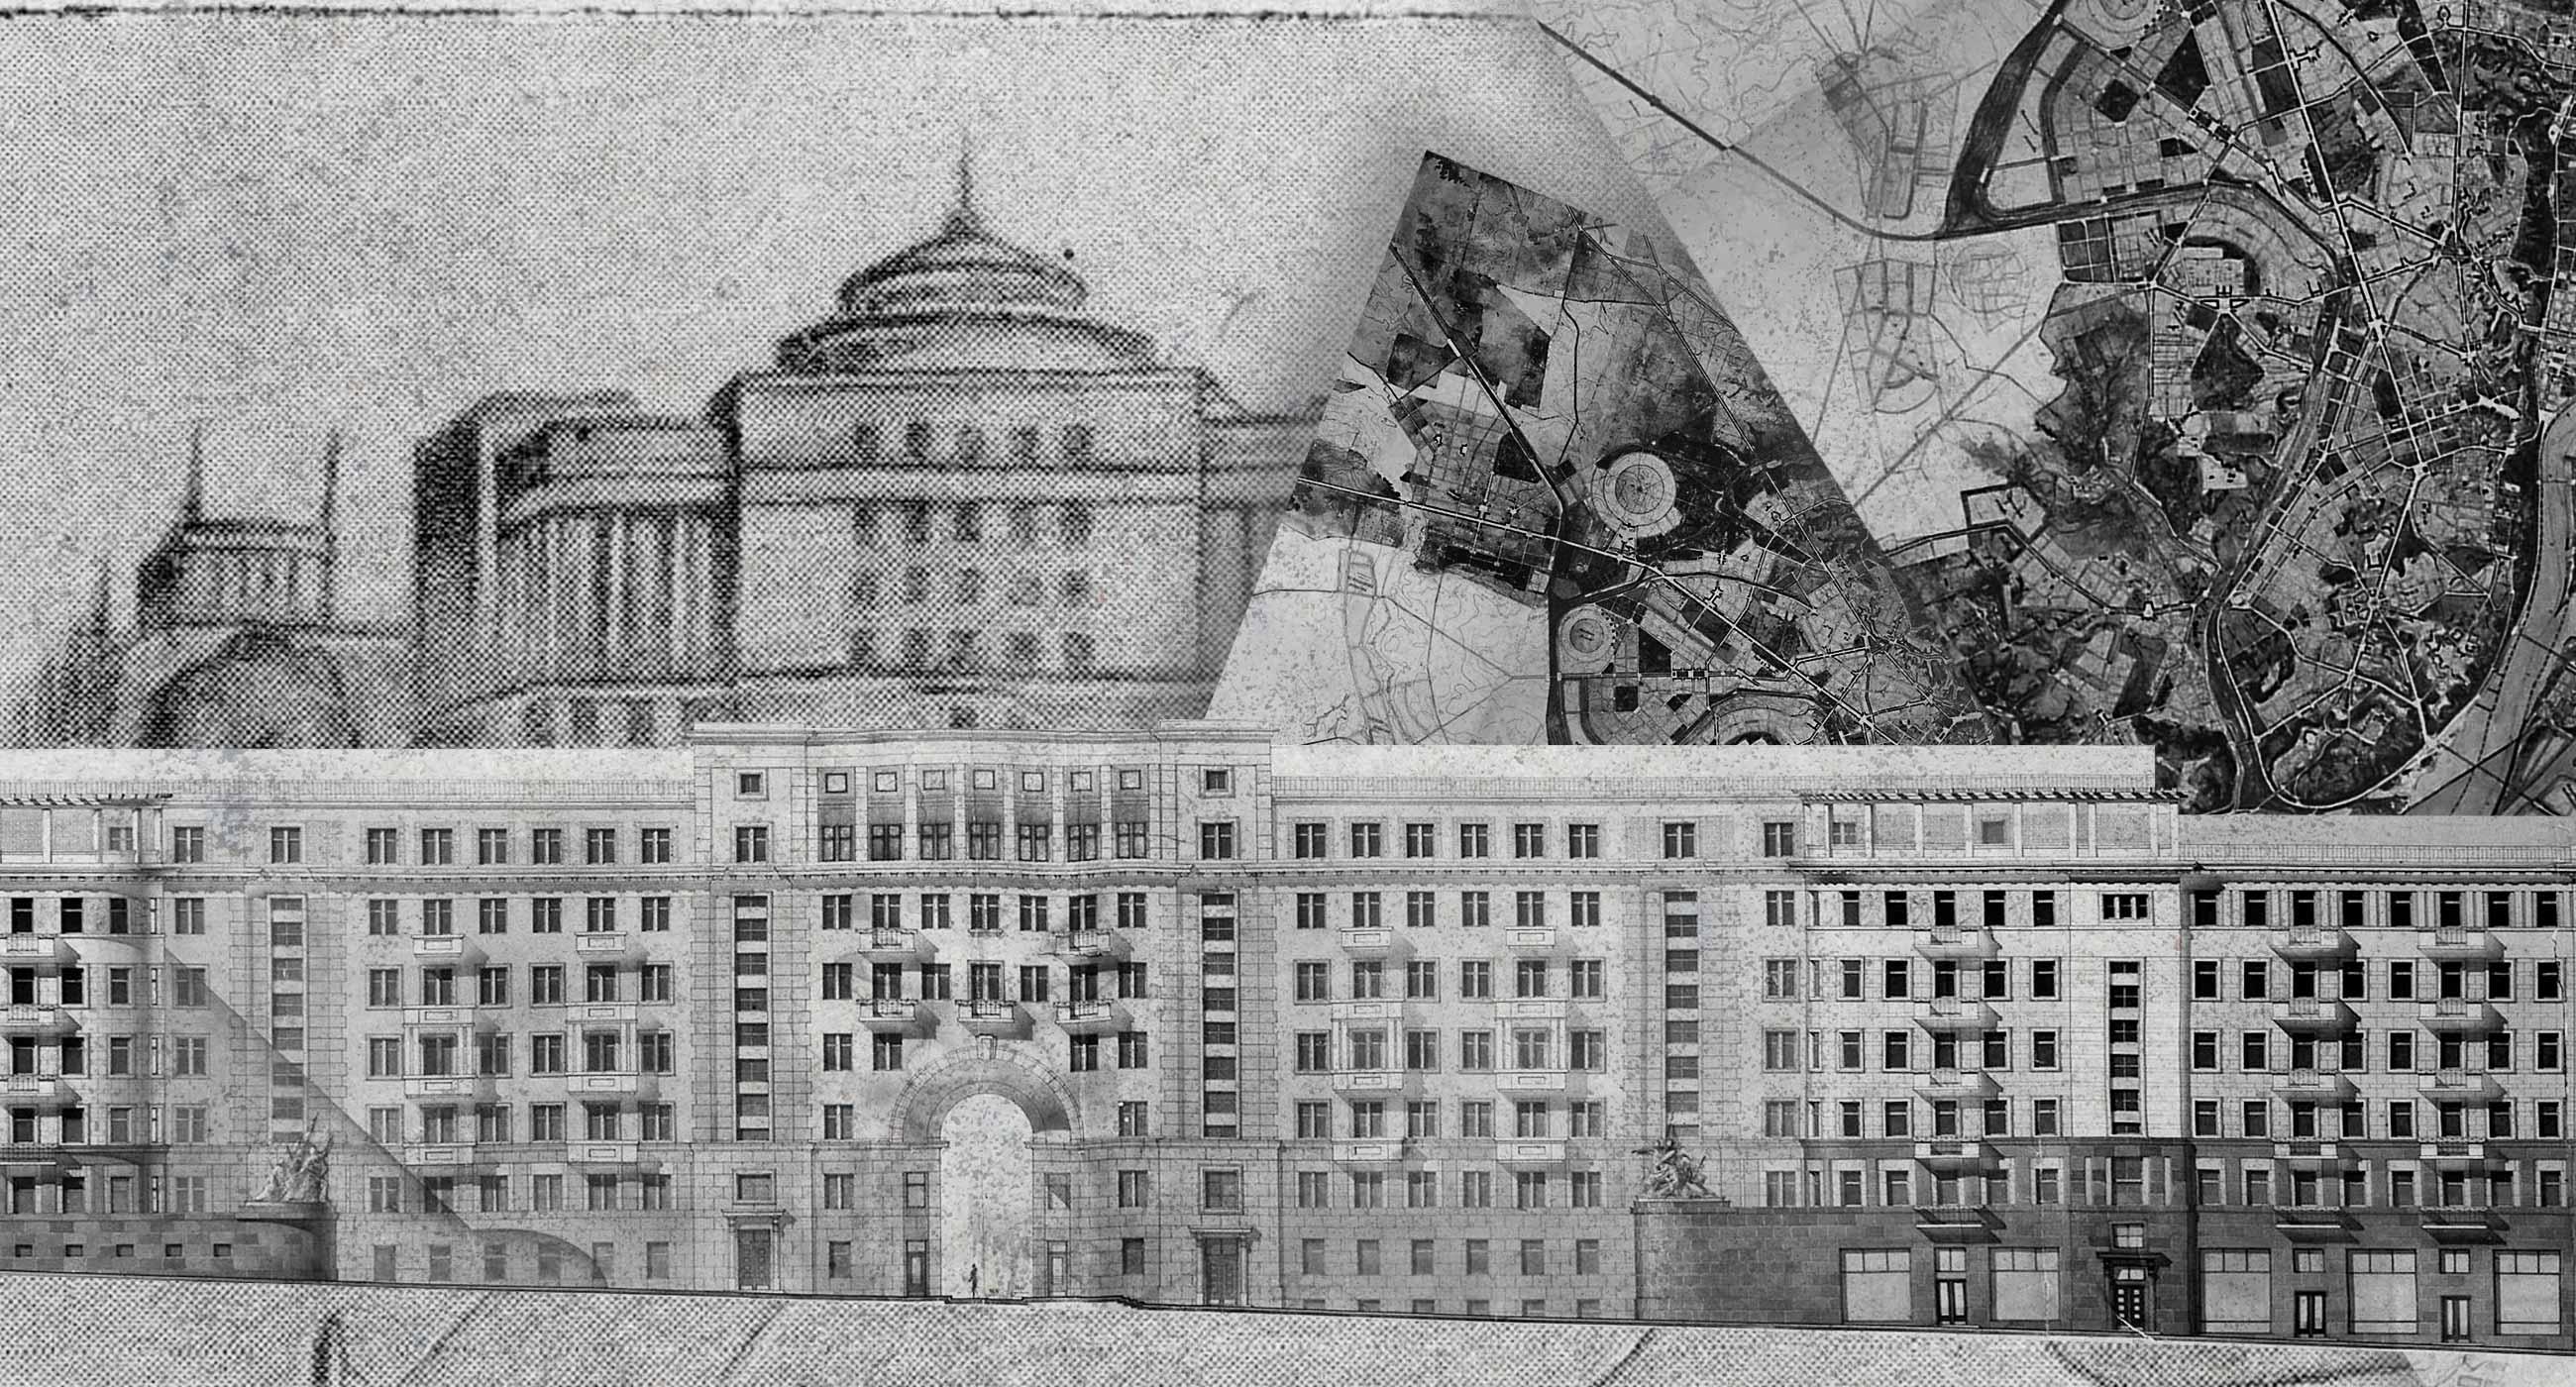 Забута архітектура 1930-х. Що варто знати про міжвоєнні проєкти у Києві